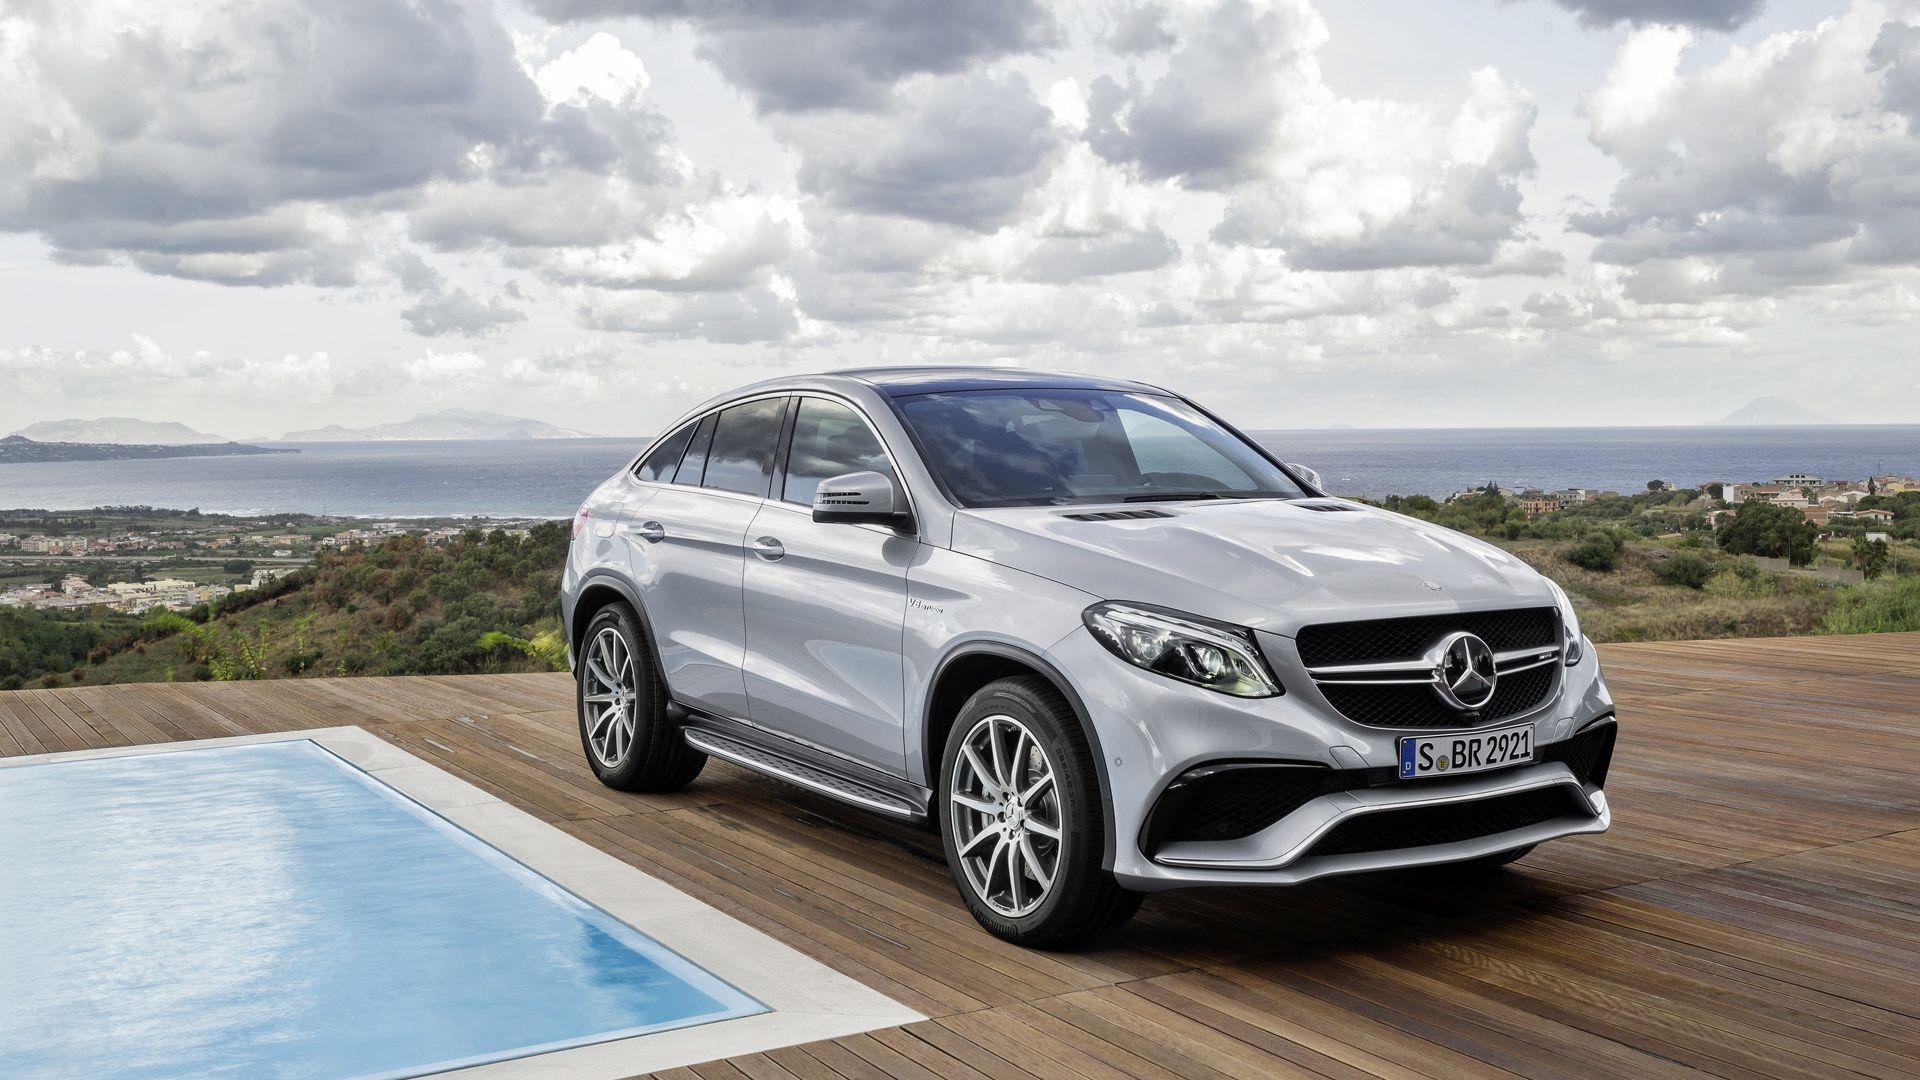 Wallpaper Mercedes-Benz GL-Class luxury car